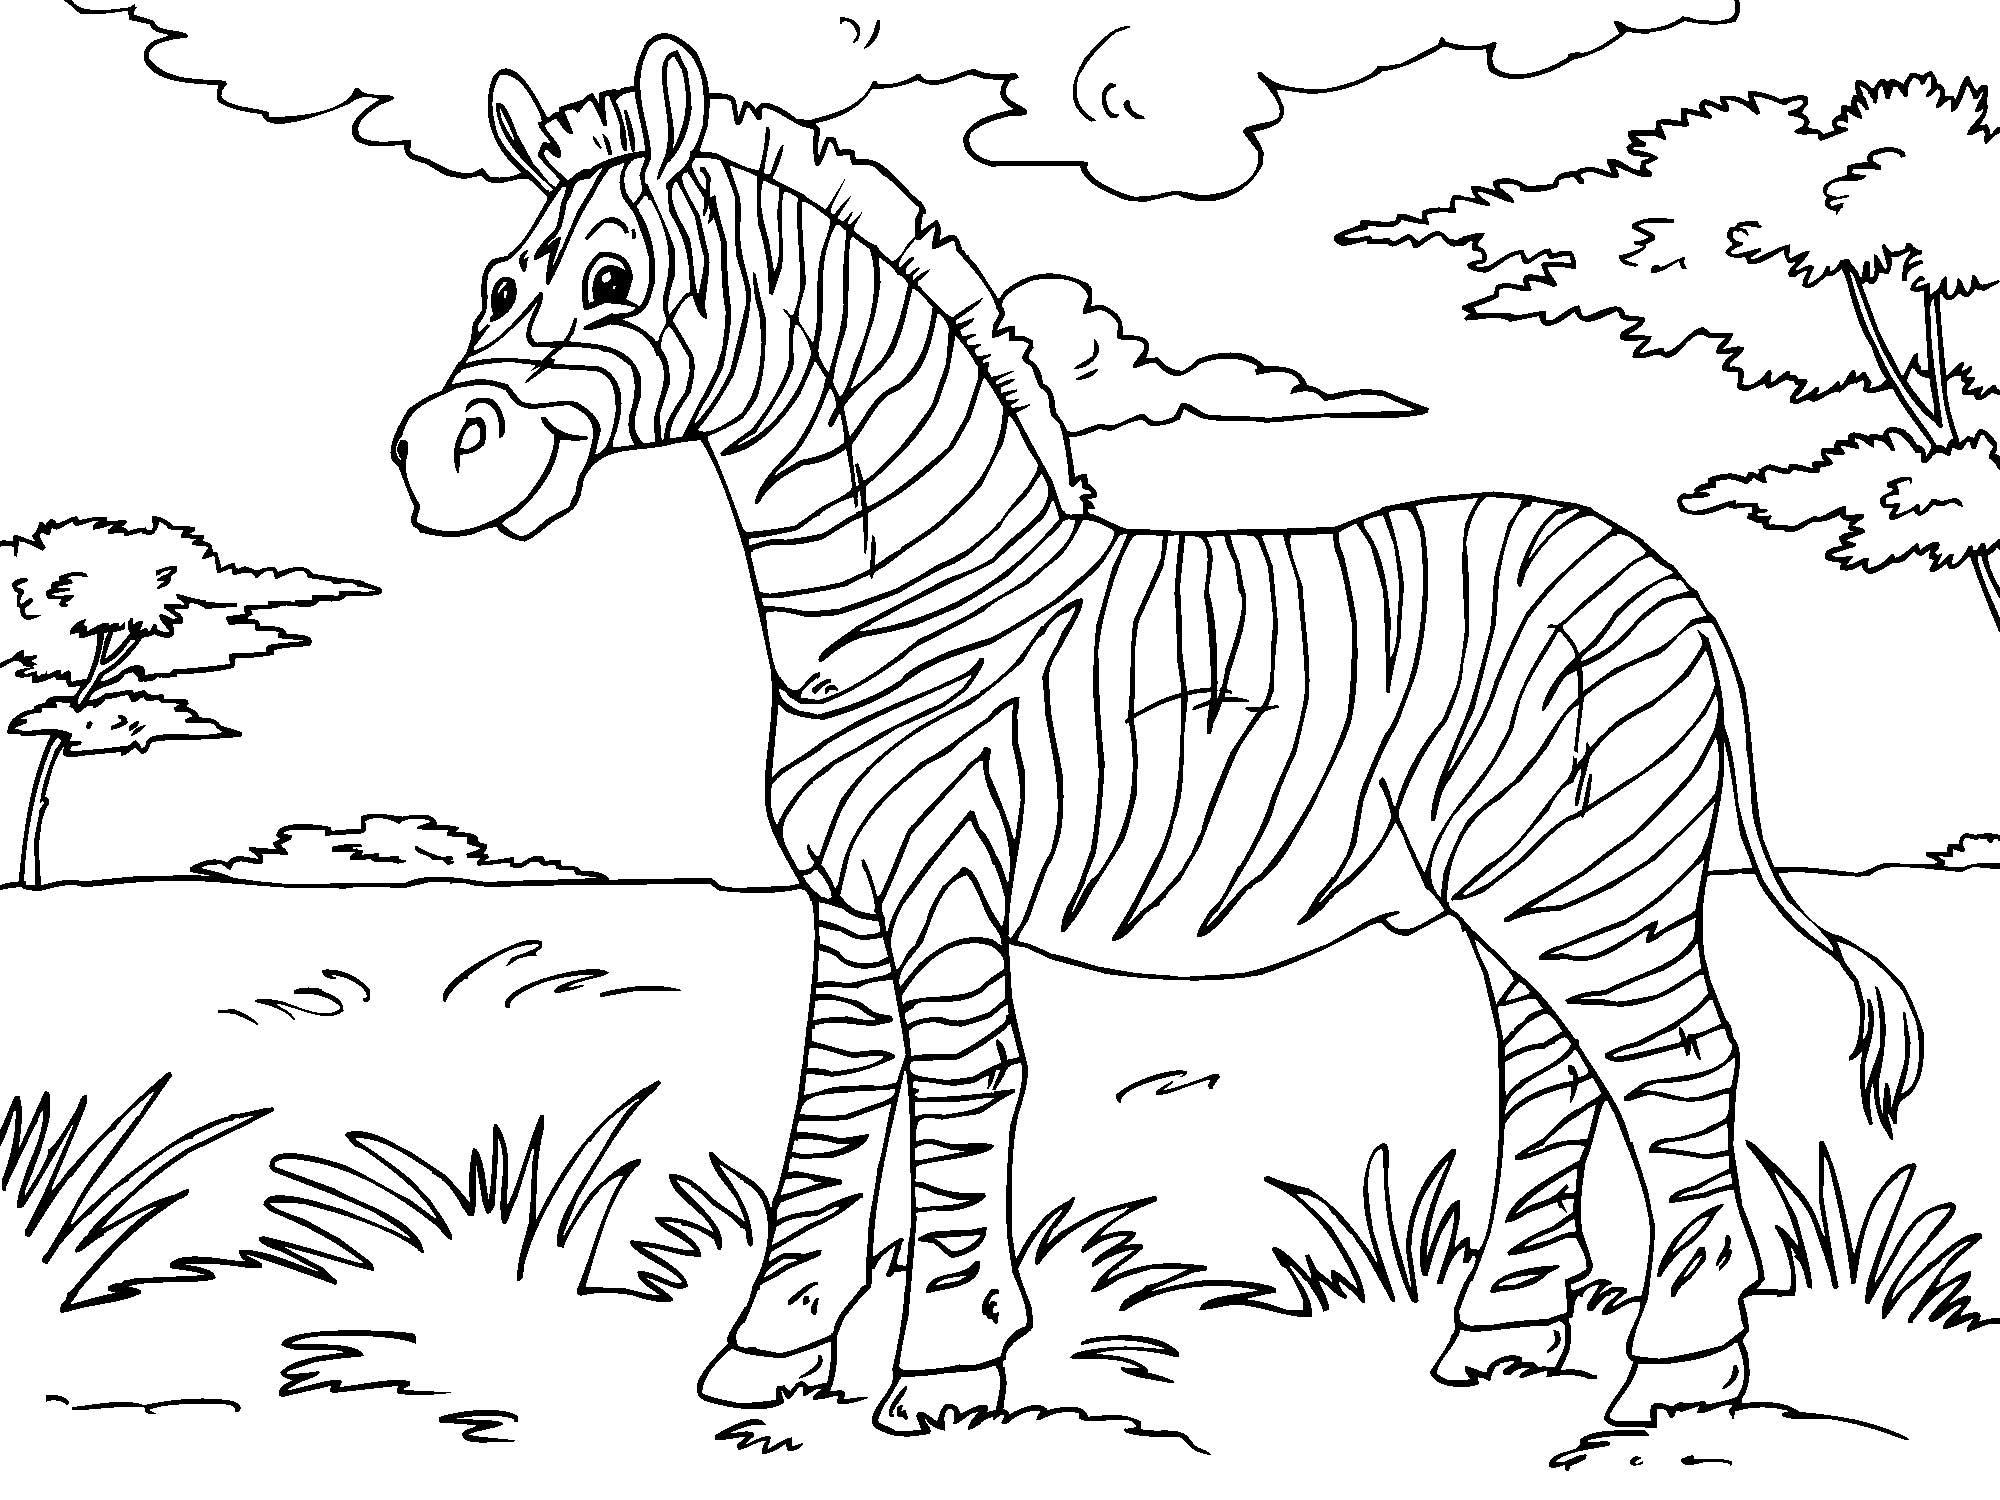 kleurplaat zebra gratis kleurplaten om te printen